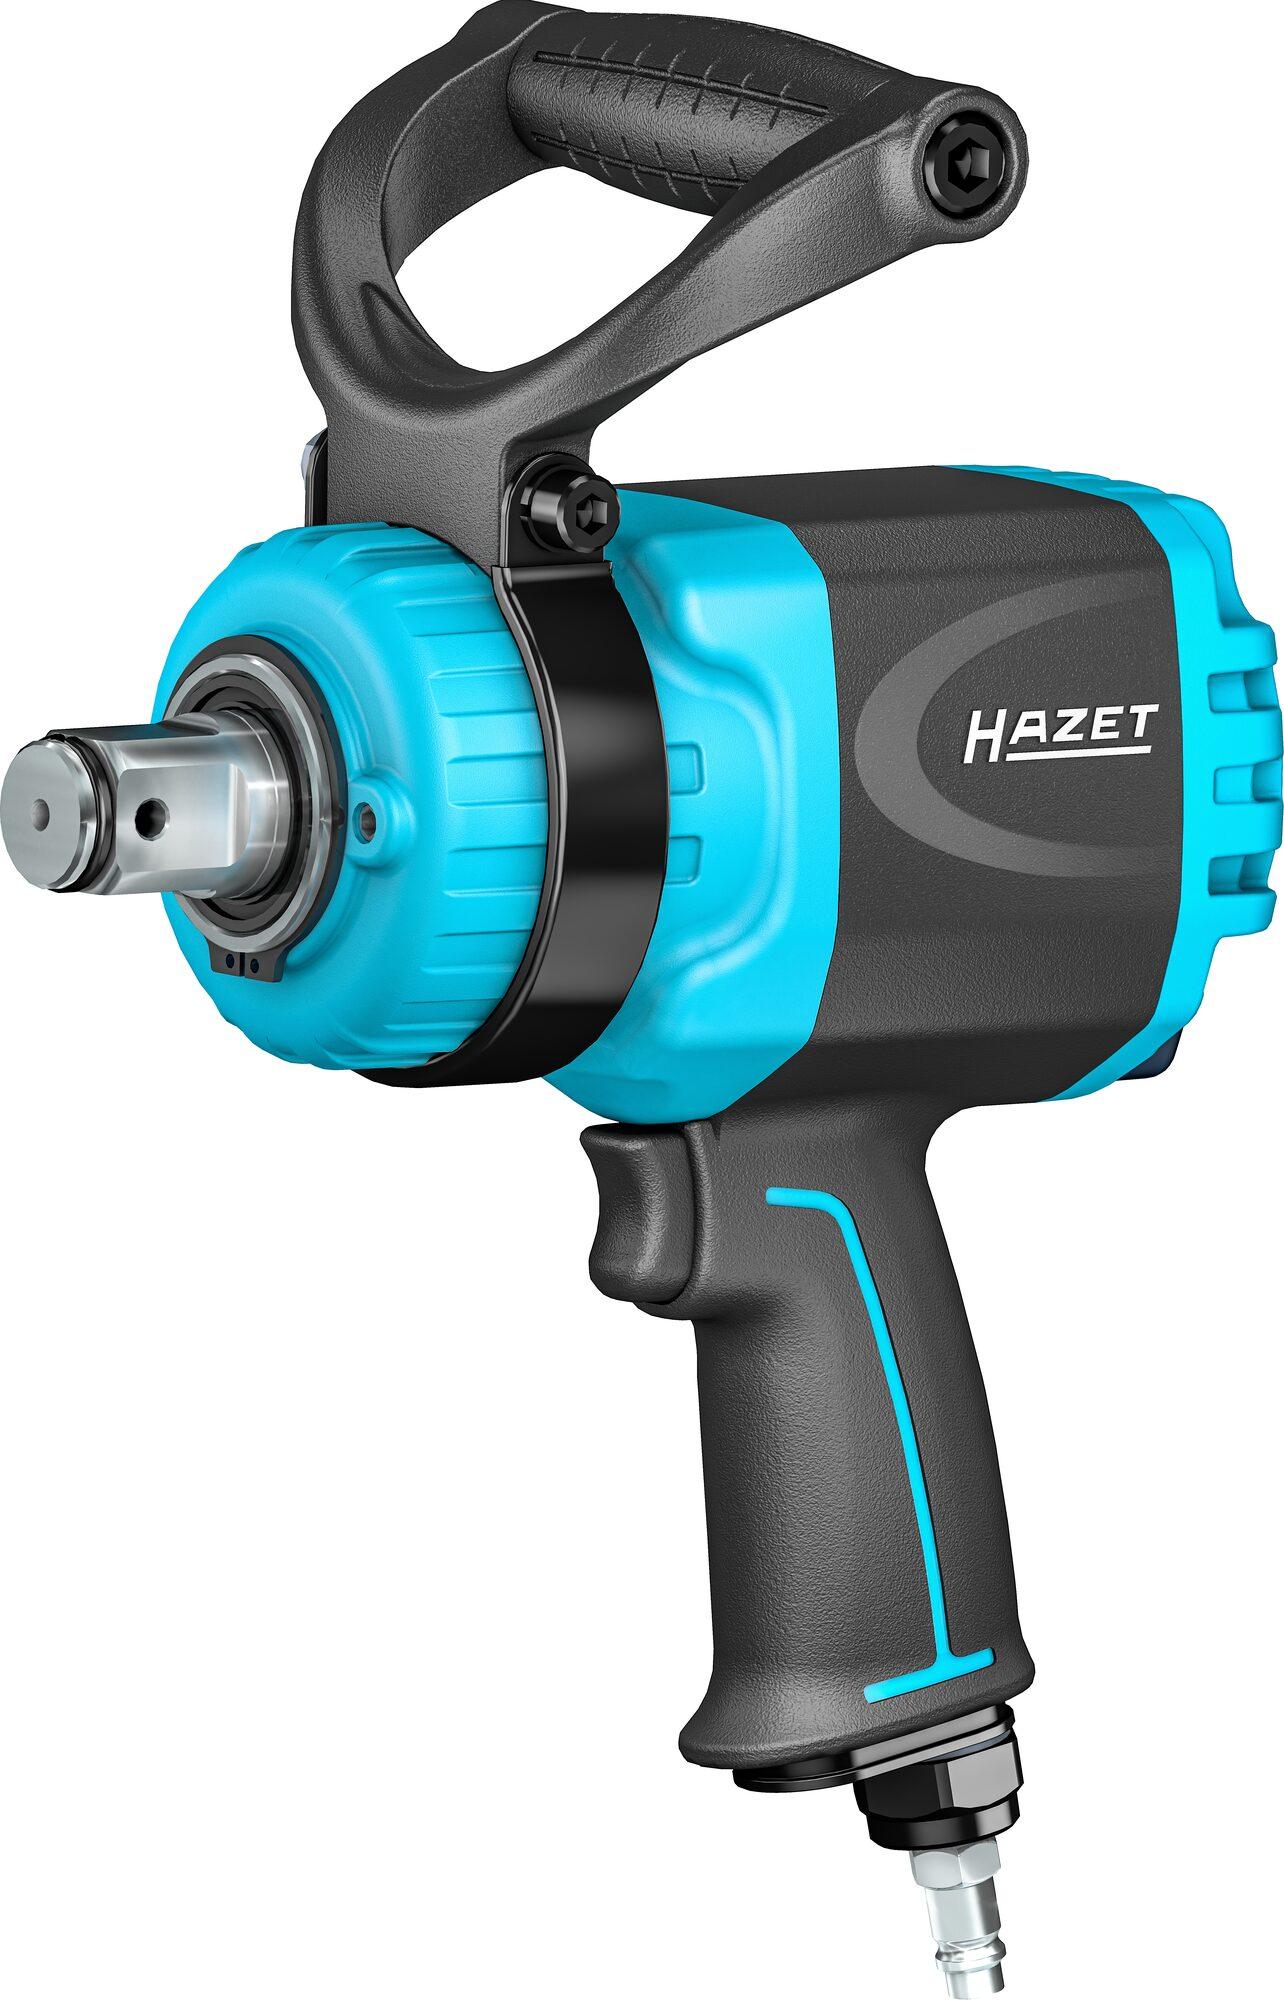 Nouvelle clé à chocs avec accessoires de HAZET :